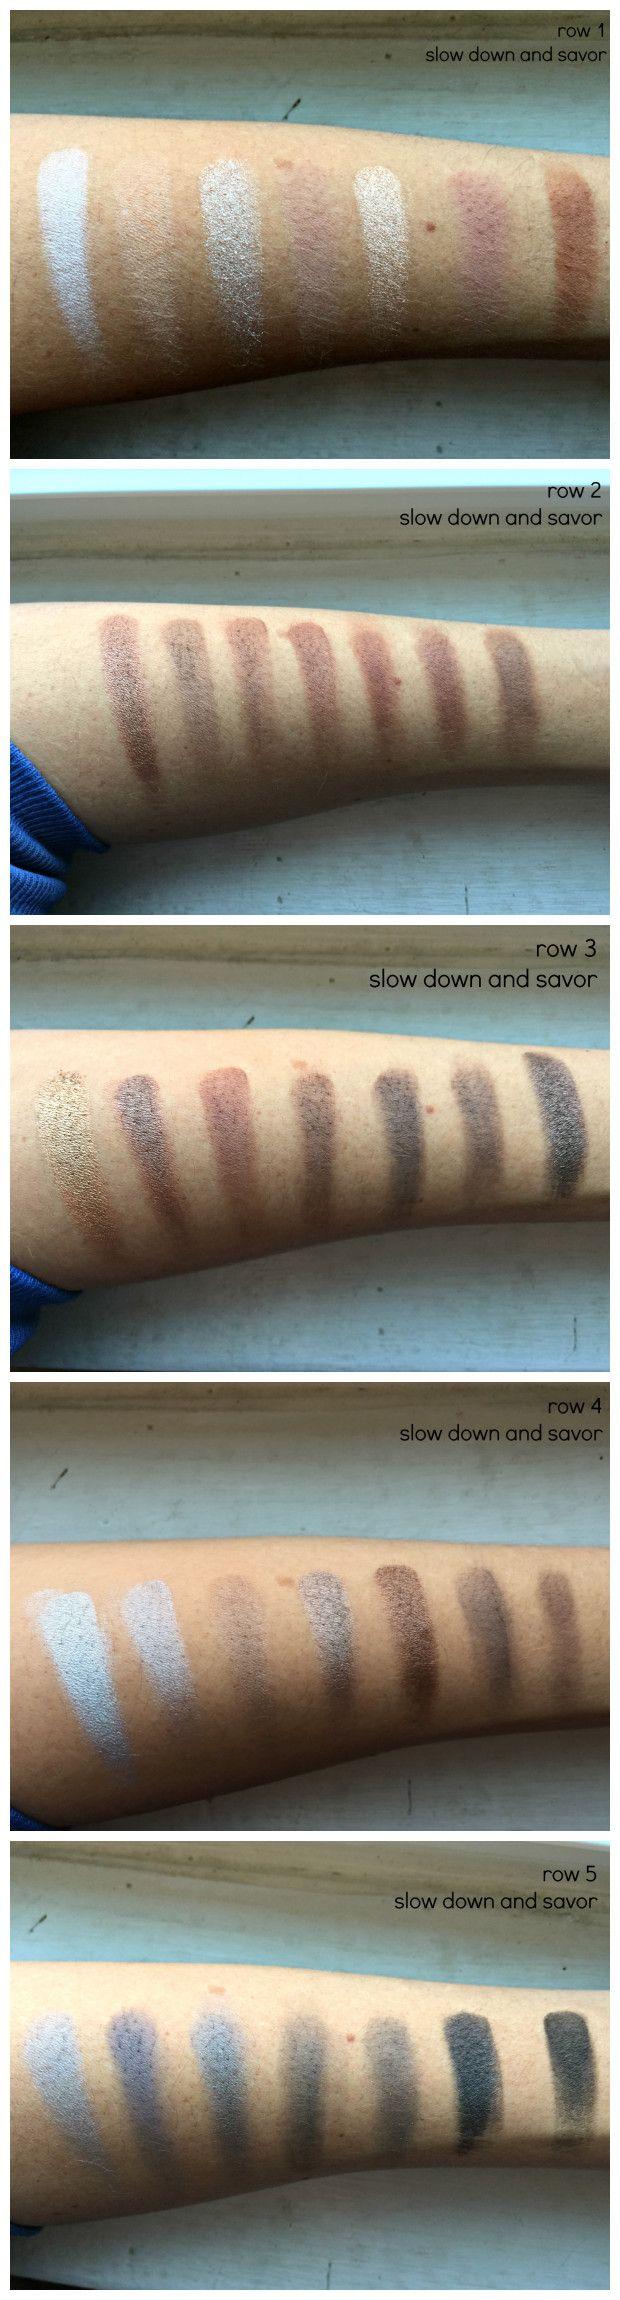 Morphe 35k eyeshadow palette review beauty in bold - Morphe 35k Eyeshadow Palette Review Swatches